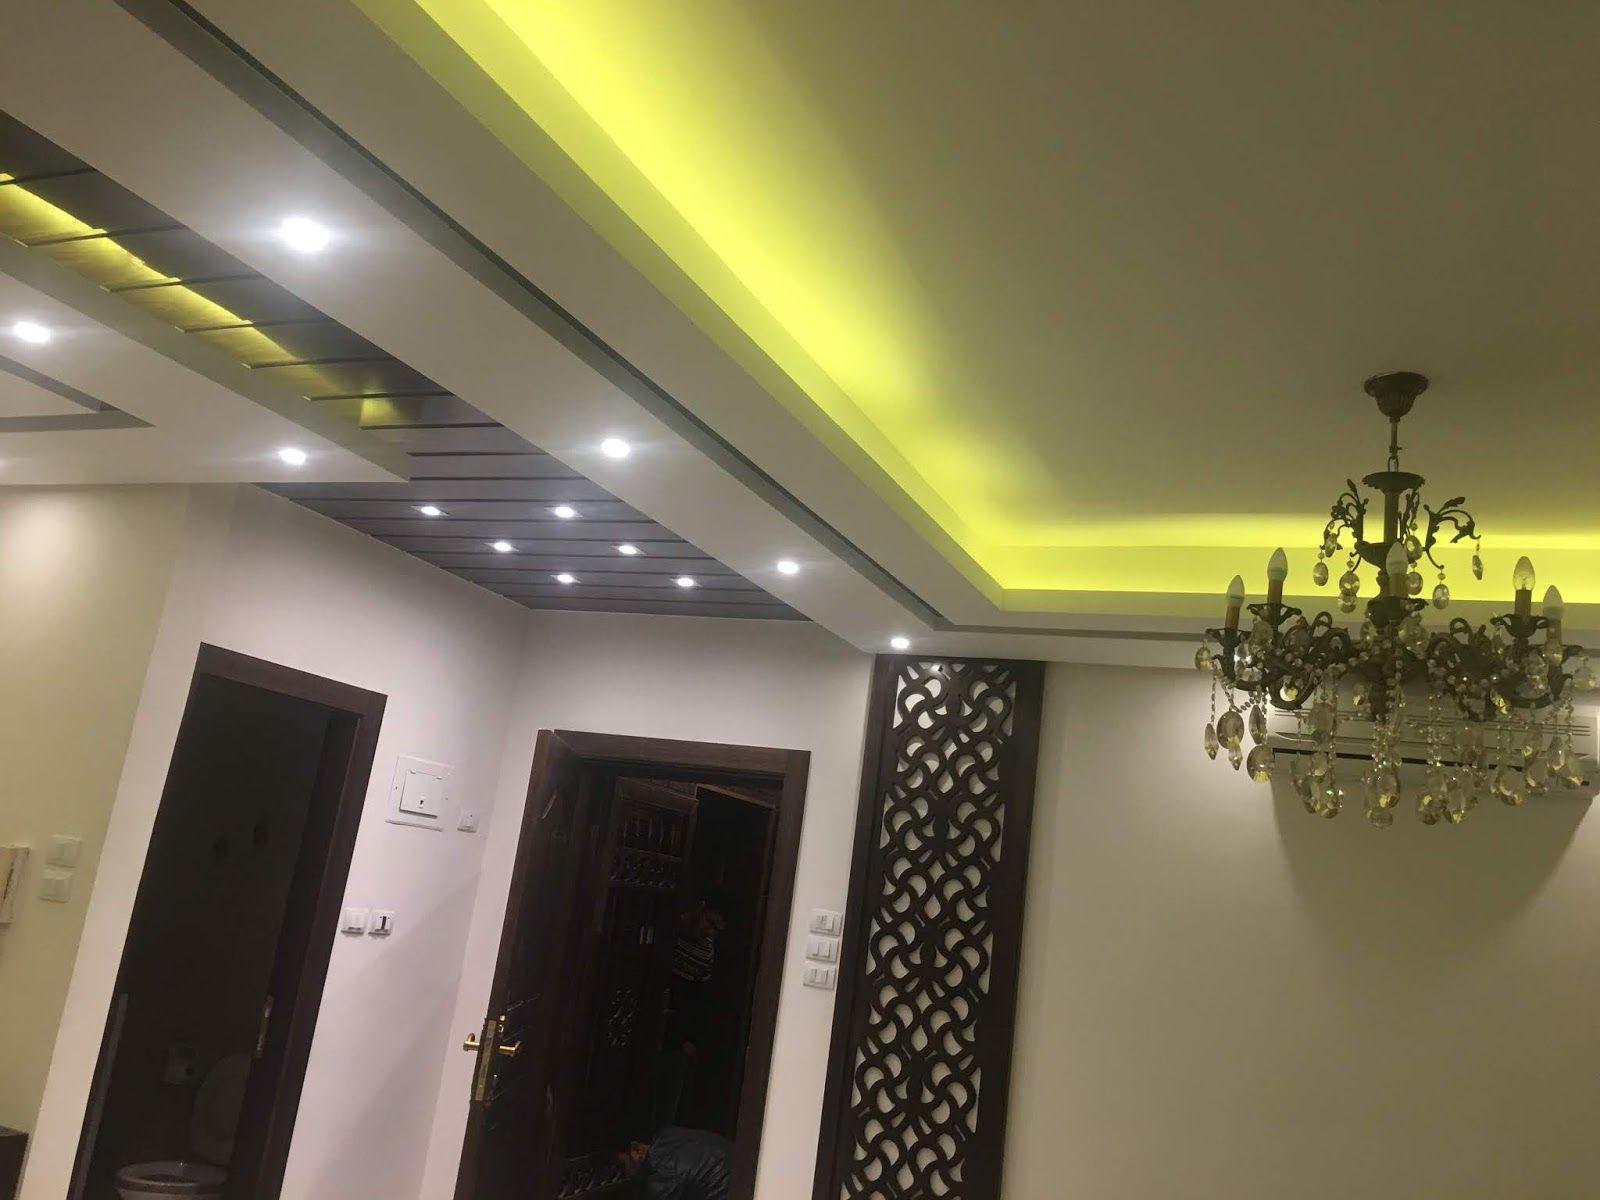 صور ديكورات جبسم بورد 2018 Gypsum Decoration Interior Design Gypsum Decoration Interior Design Decor Interior Design